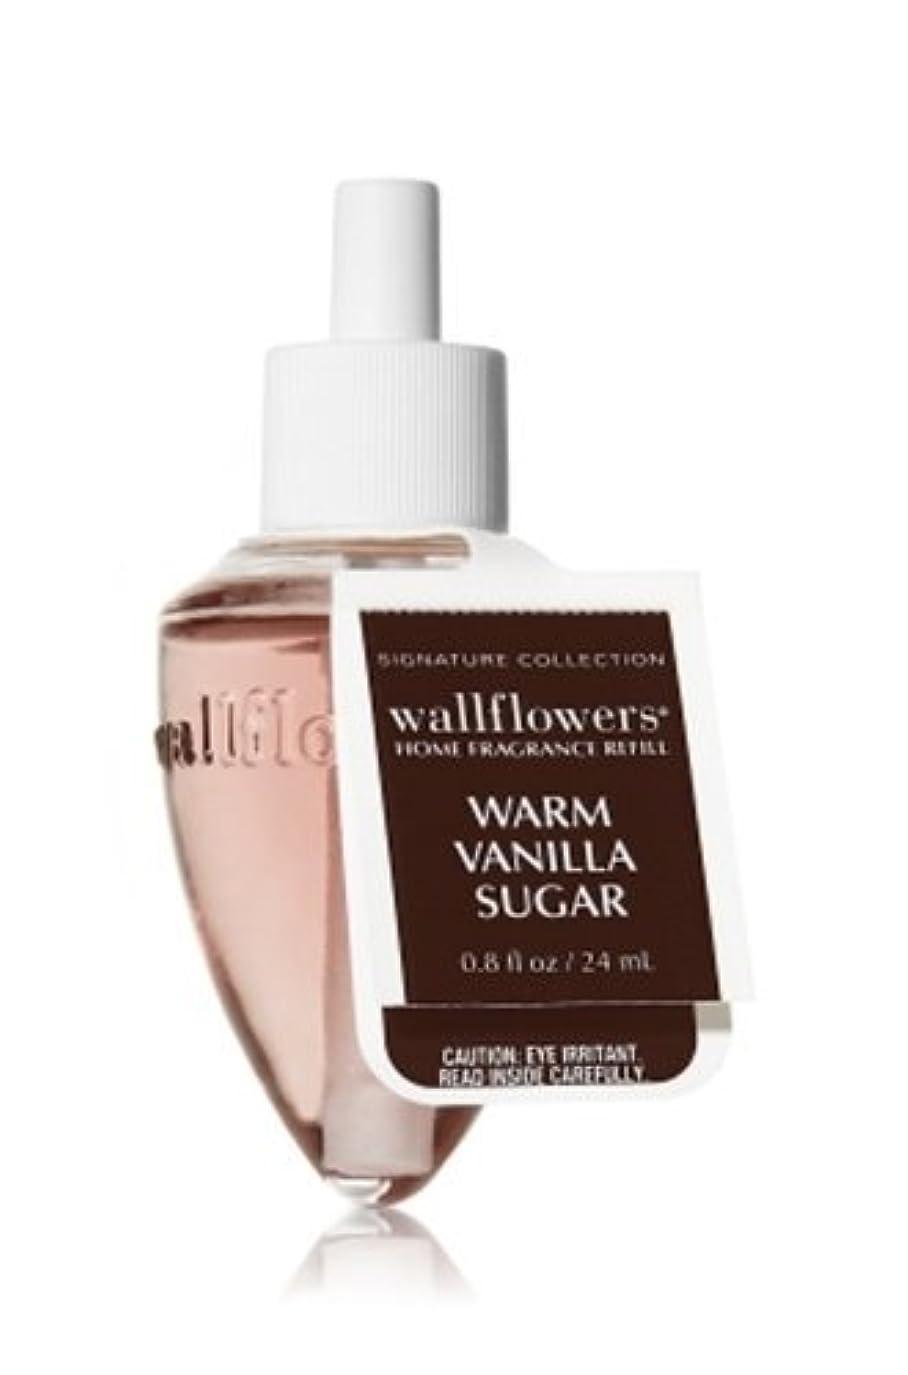 変わるエイズ同級生Bath & Body Works(バス&ボディワークス)ウォームバニラシュガー ホームフレグランス レフィル(本体は別売りです)Warm Vanilla Sugar Wallflowers Refill Single Bottles [並行輸入品]